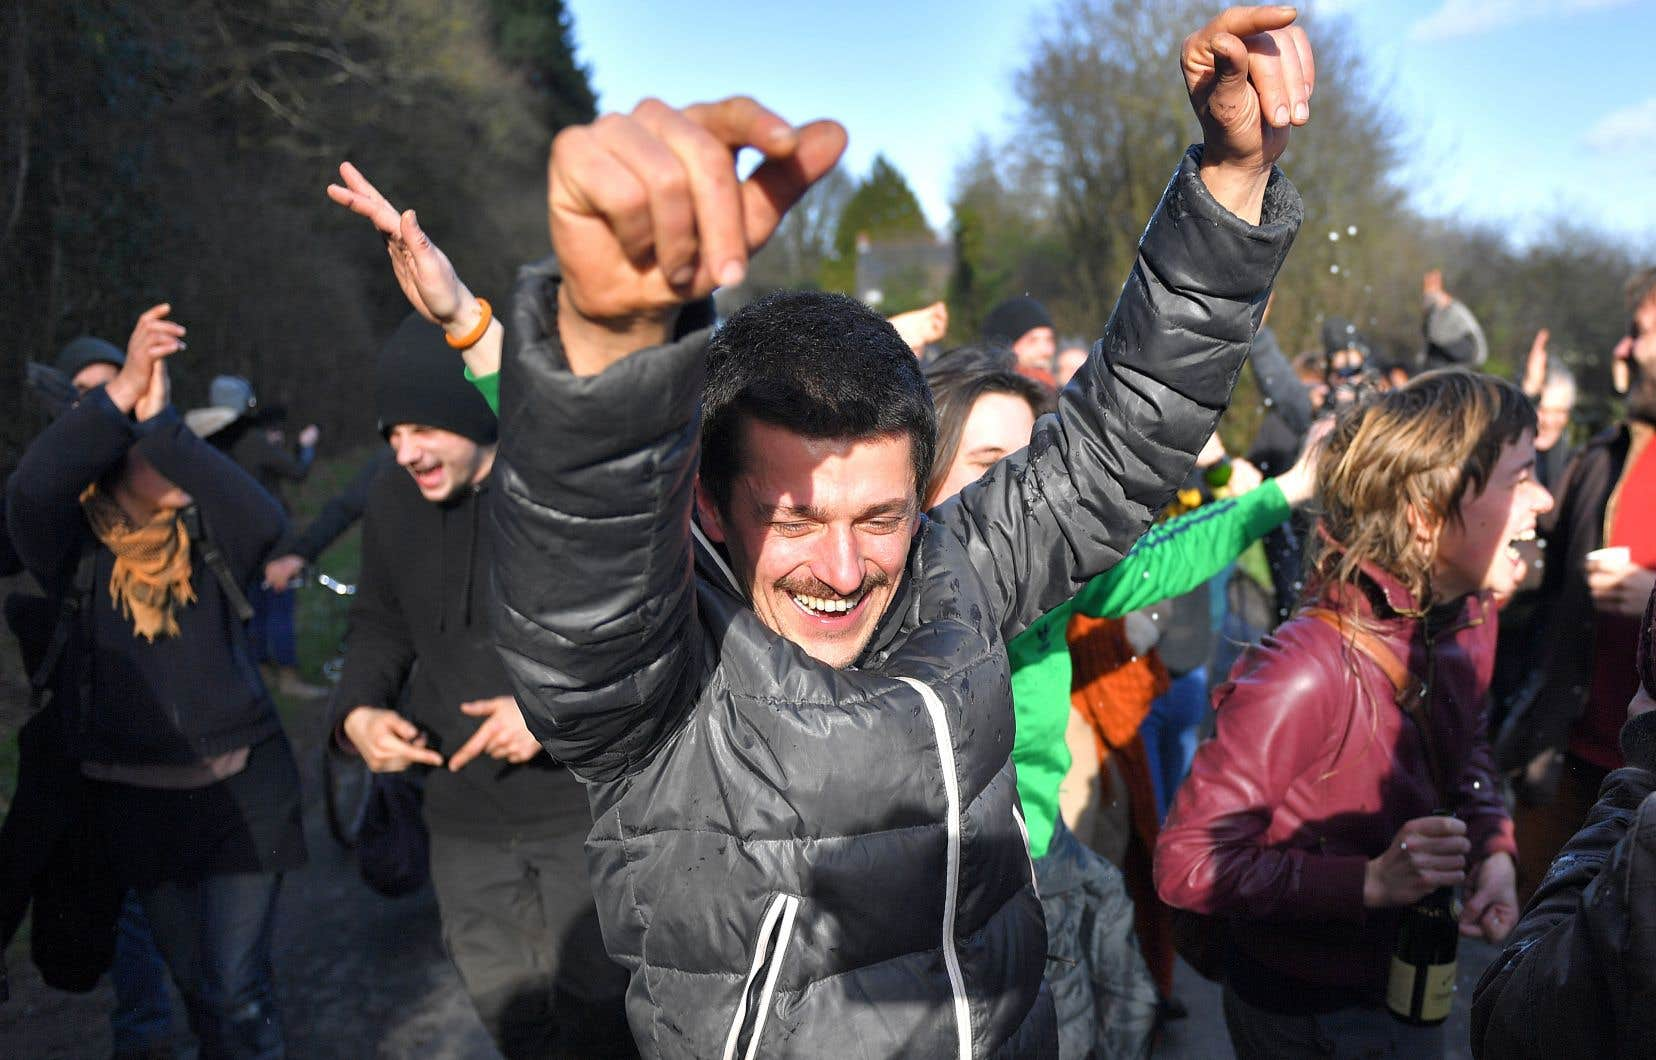 Des militants célèbrent leur victoire à la ZAD après l'annonce du gouvernement de renoncer au projet d'aéroport.